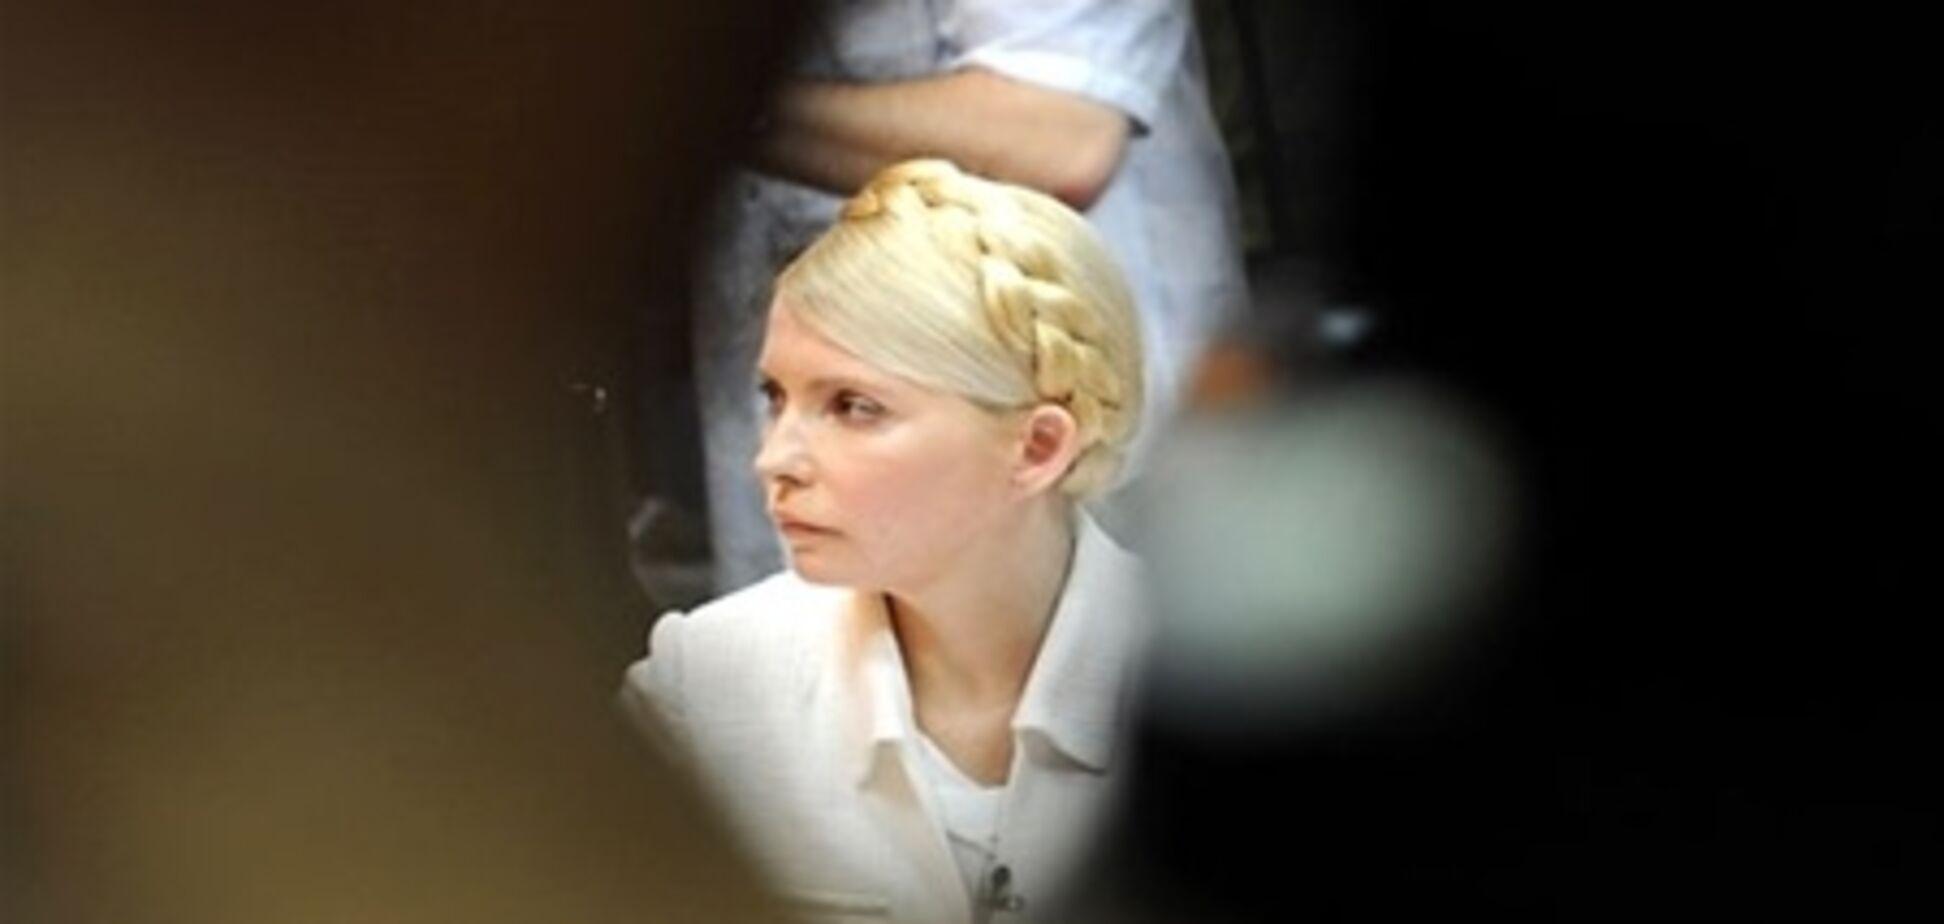 Сім'я Тимошенко не збирається компенсувати збитки 'Нафтогазу'